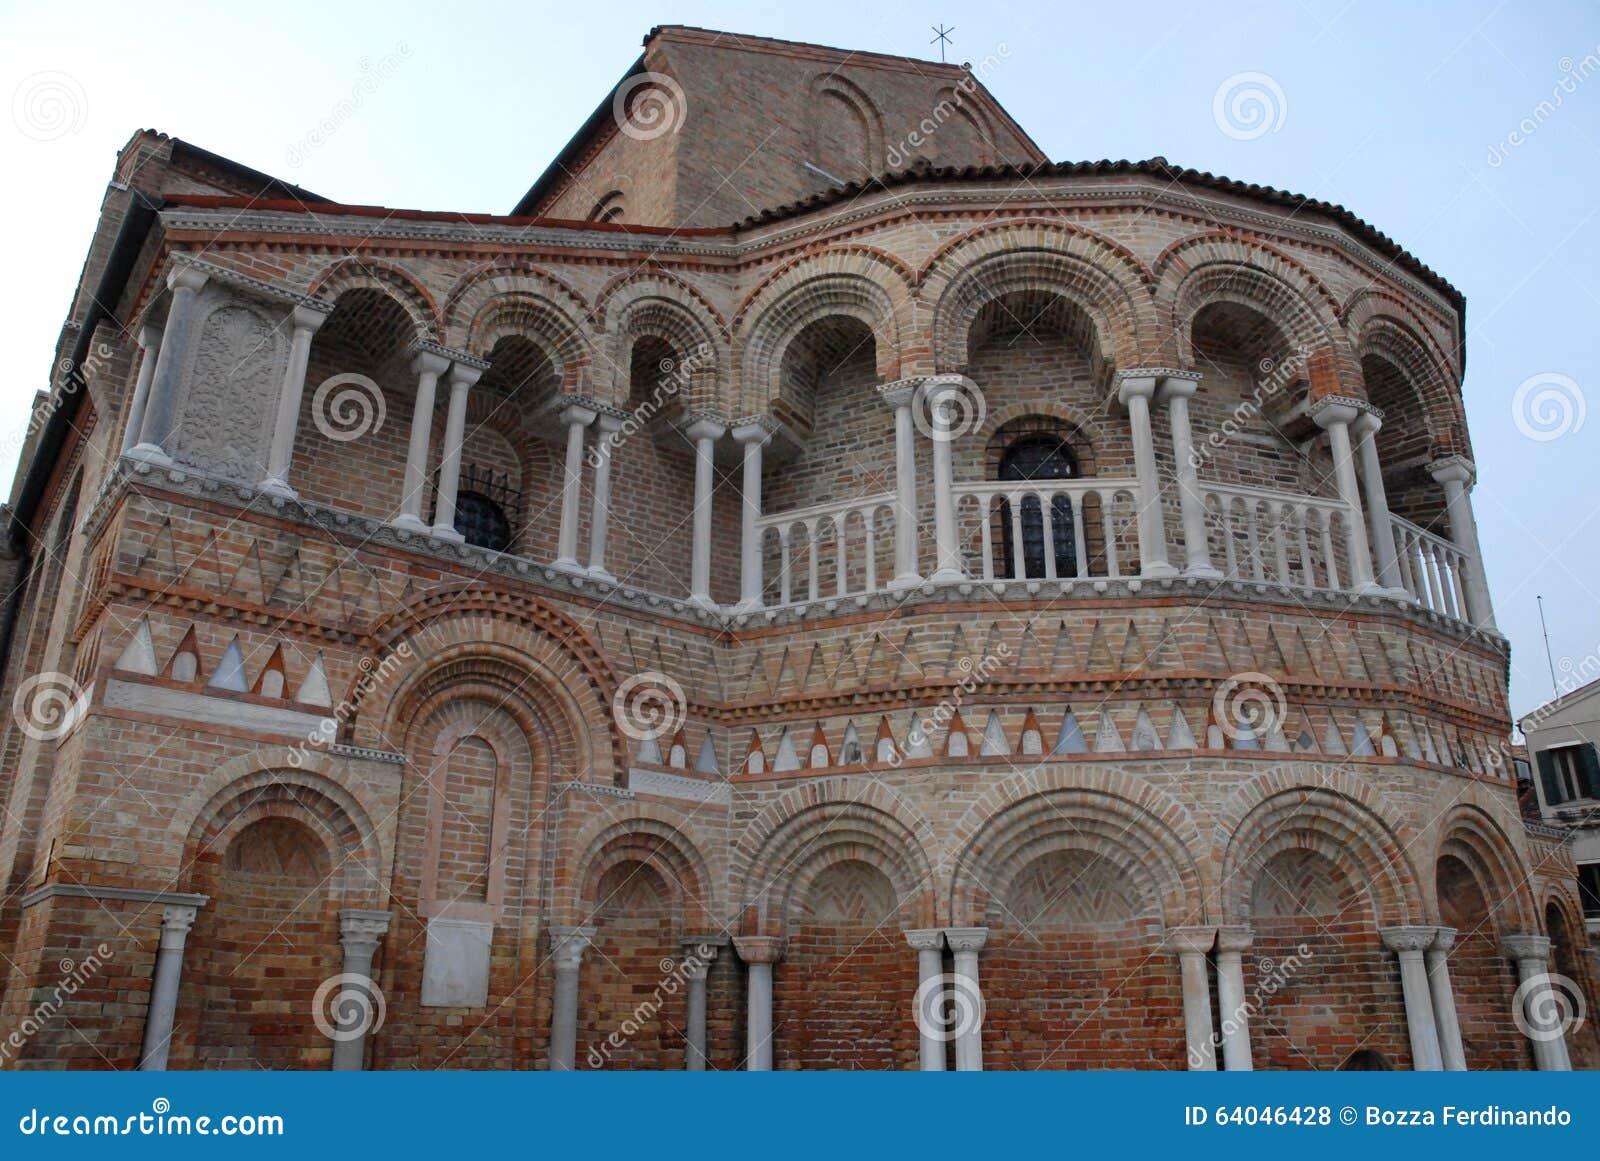 Наружная стена апсиды собора Murano в муниципалитете Венеции в венето (Италия)